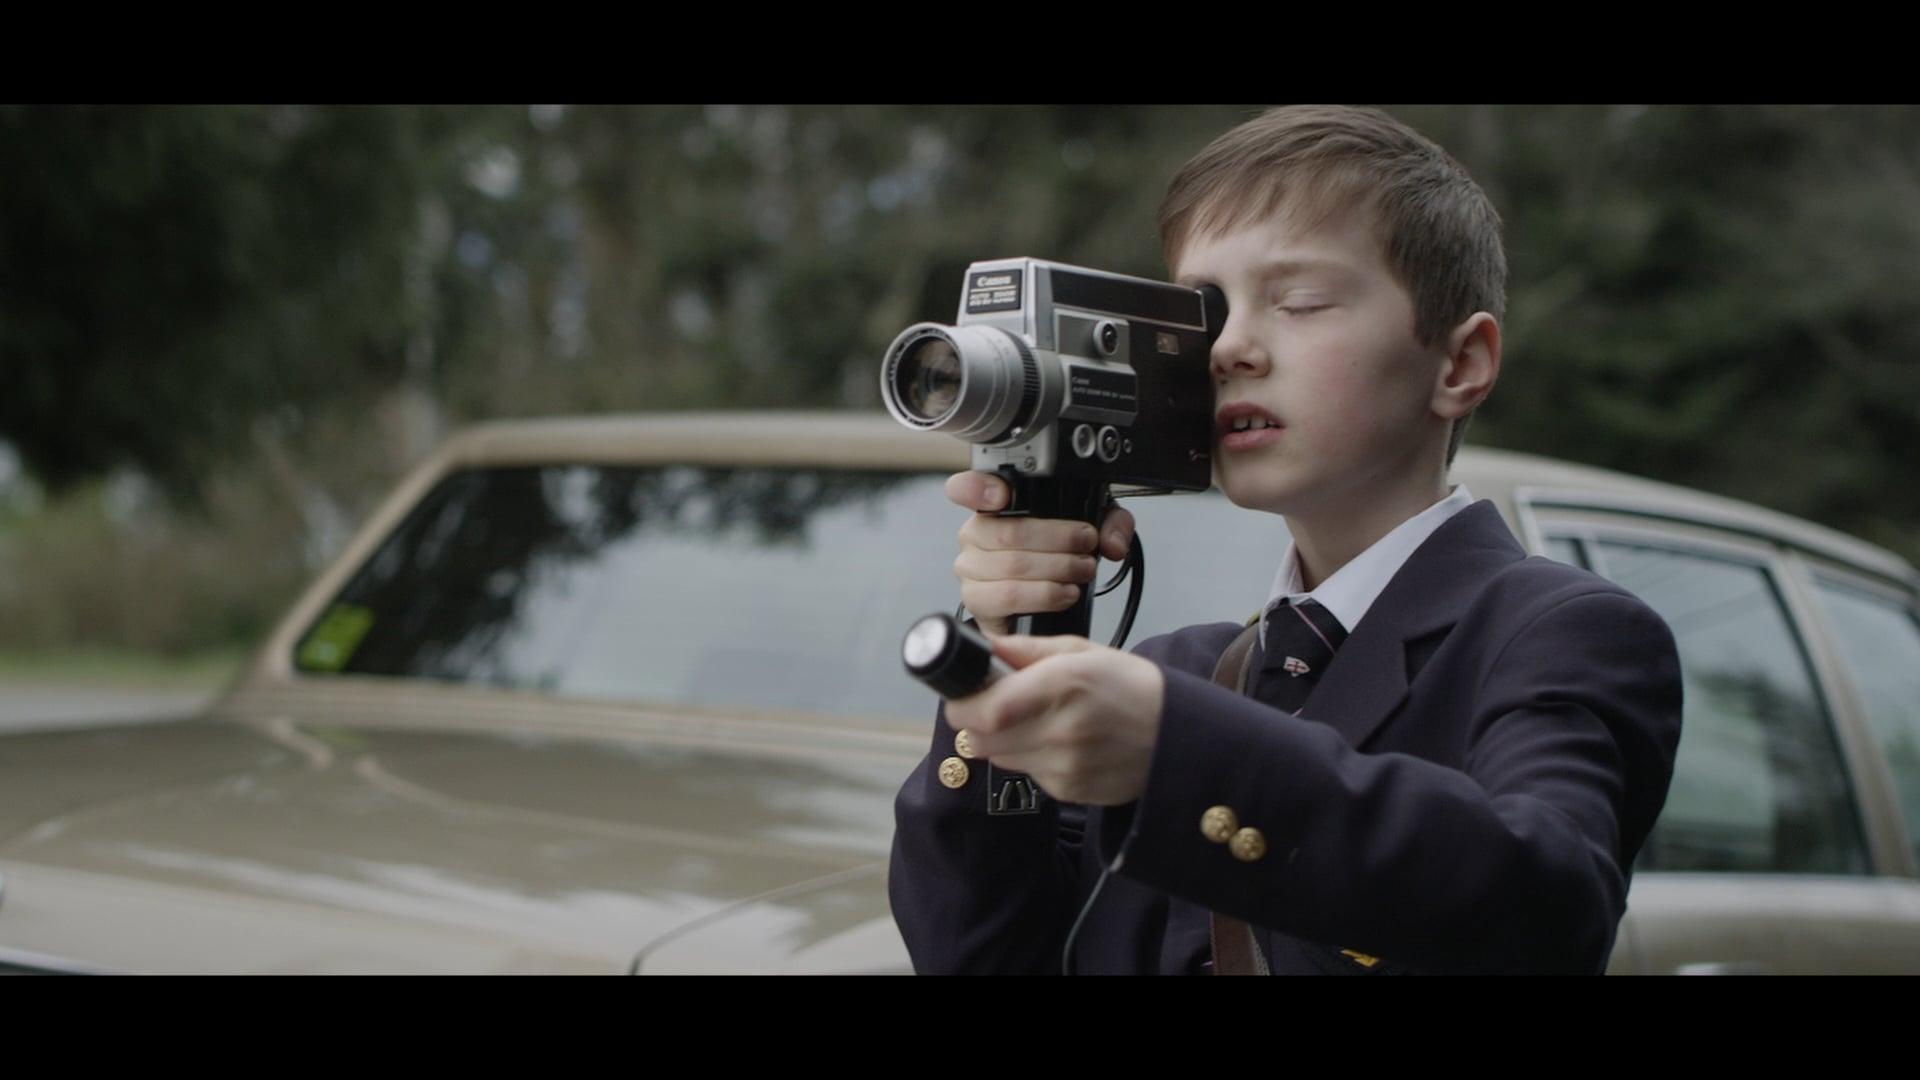 The Cameraman - Teaser Trailer